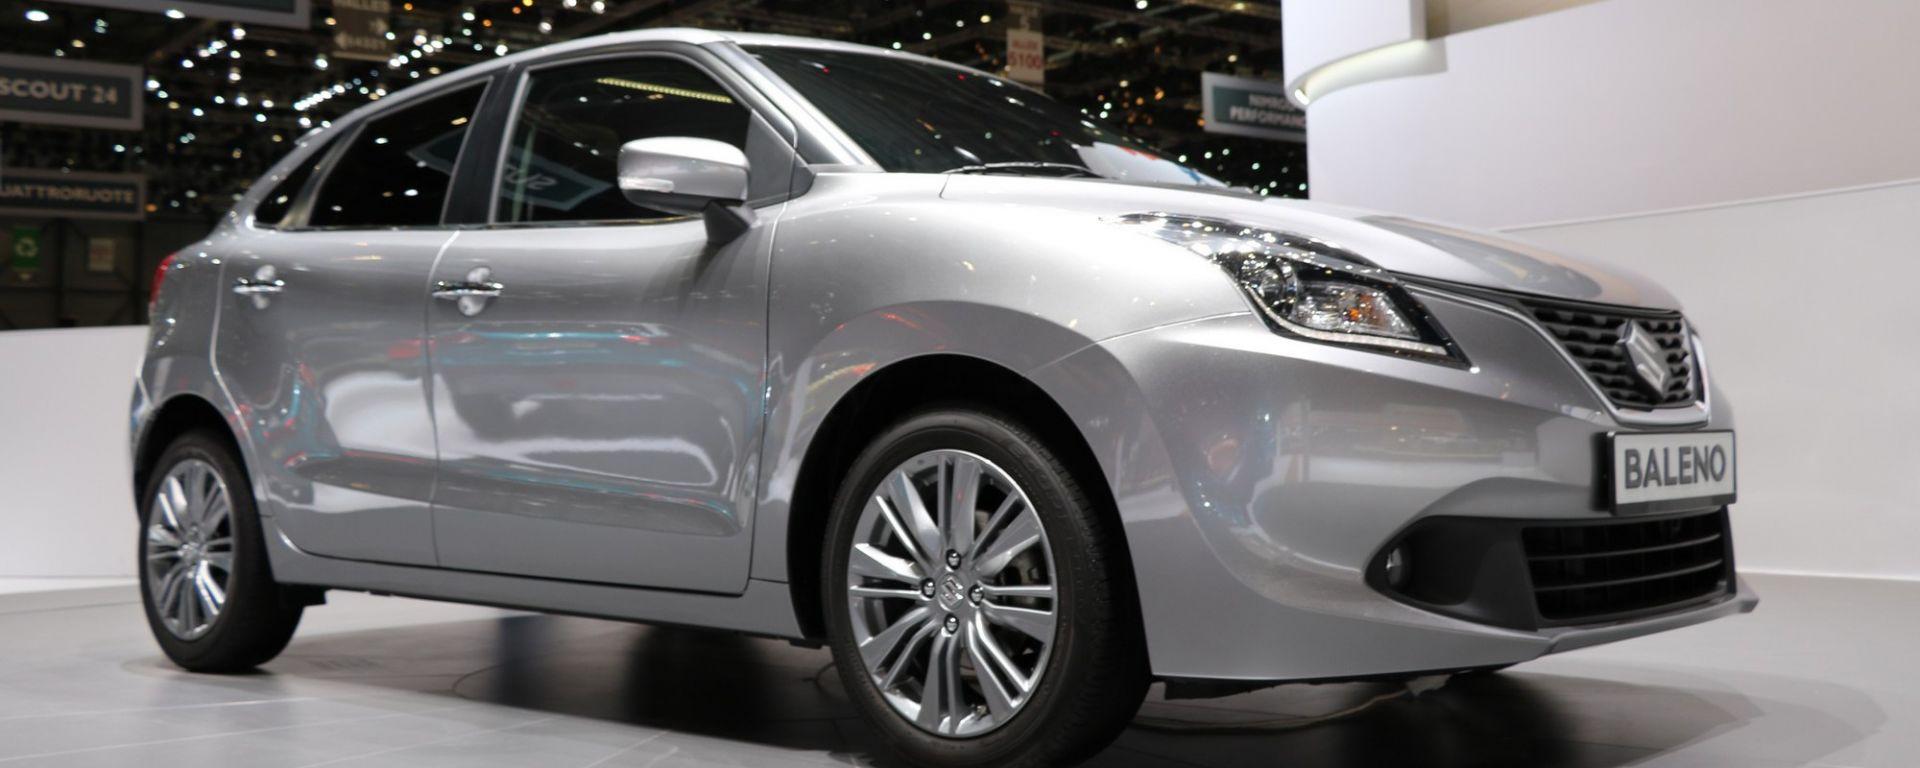 Ginevra 2016 - Notizie dalle Case: Suzuki